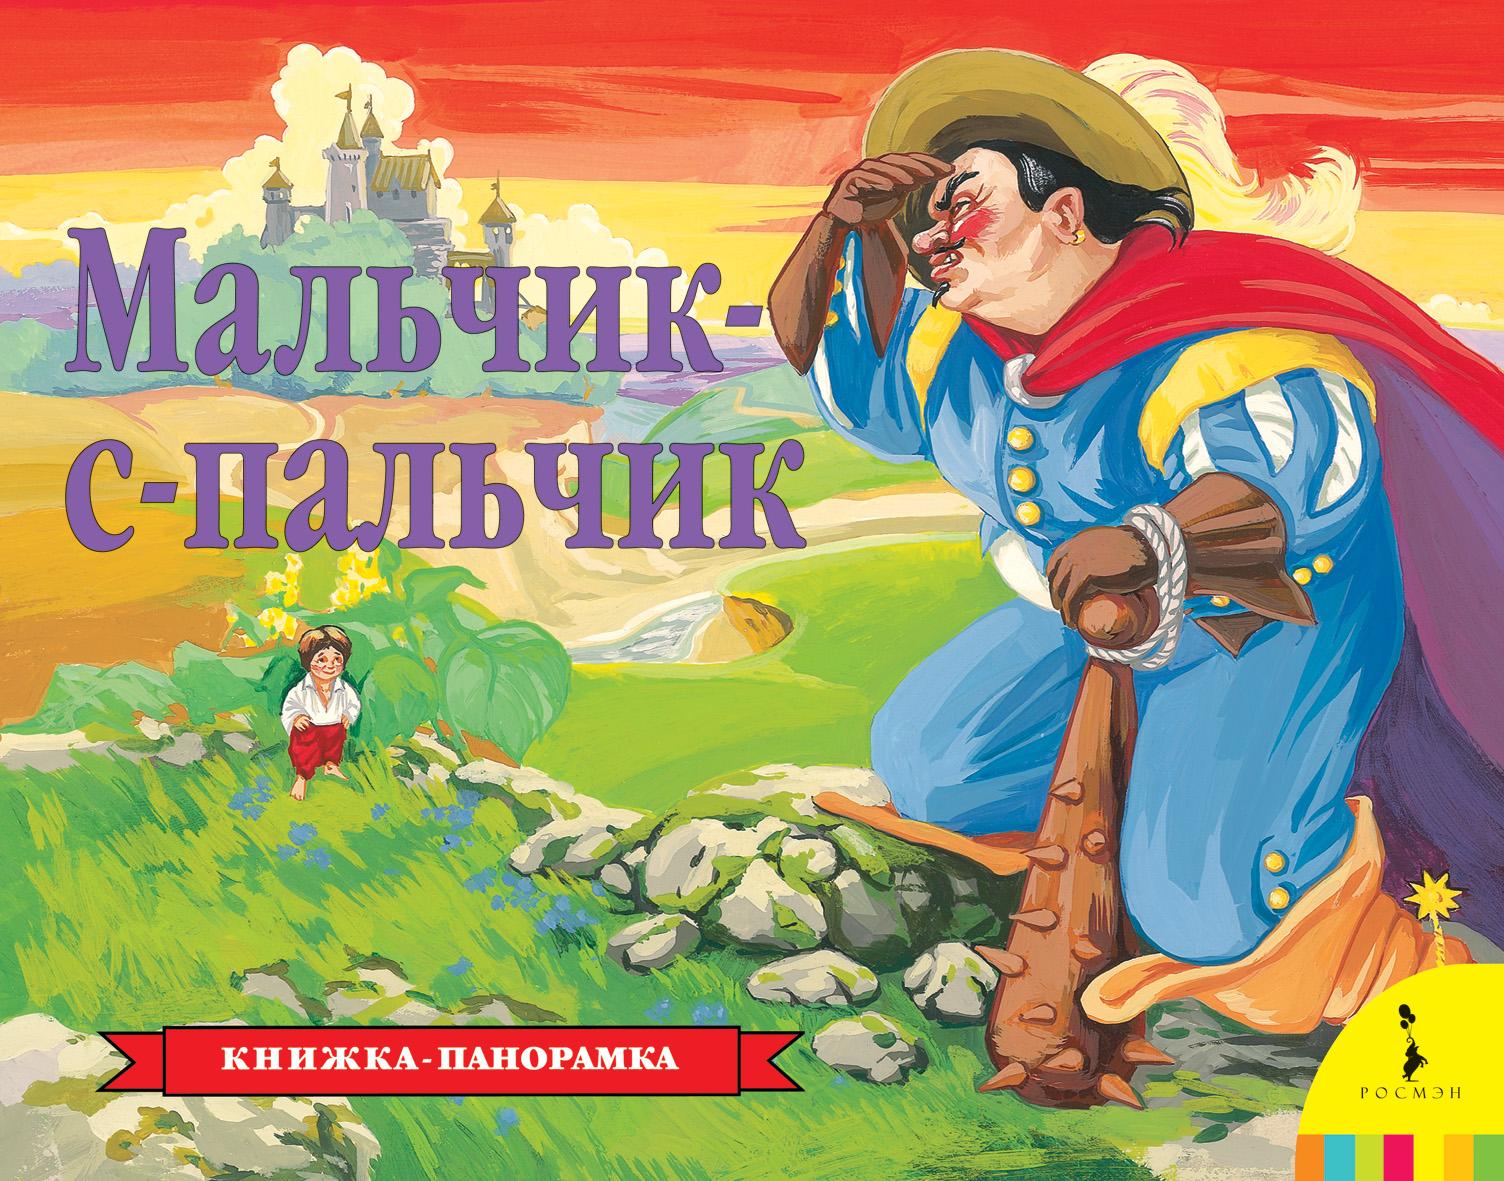 Книжка панорамка - Мальчик-с-пальчикКниги-панорамы<br>Книжка панорамка - Мальчик-с-пальчик<br>